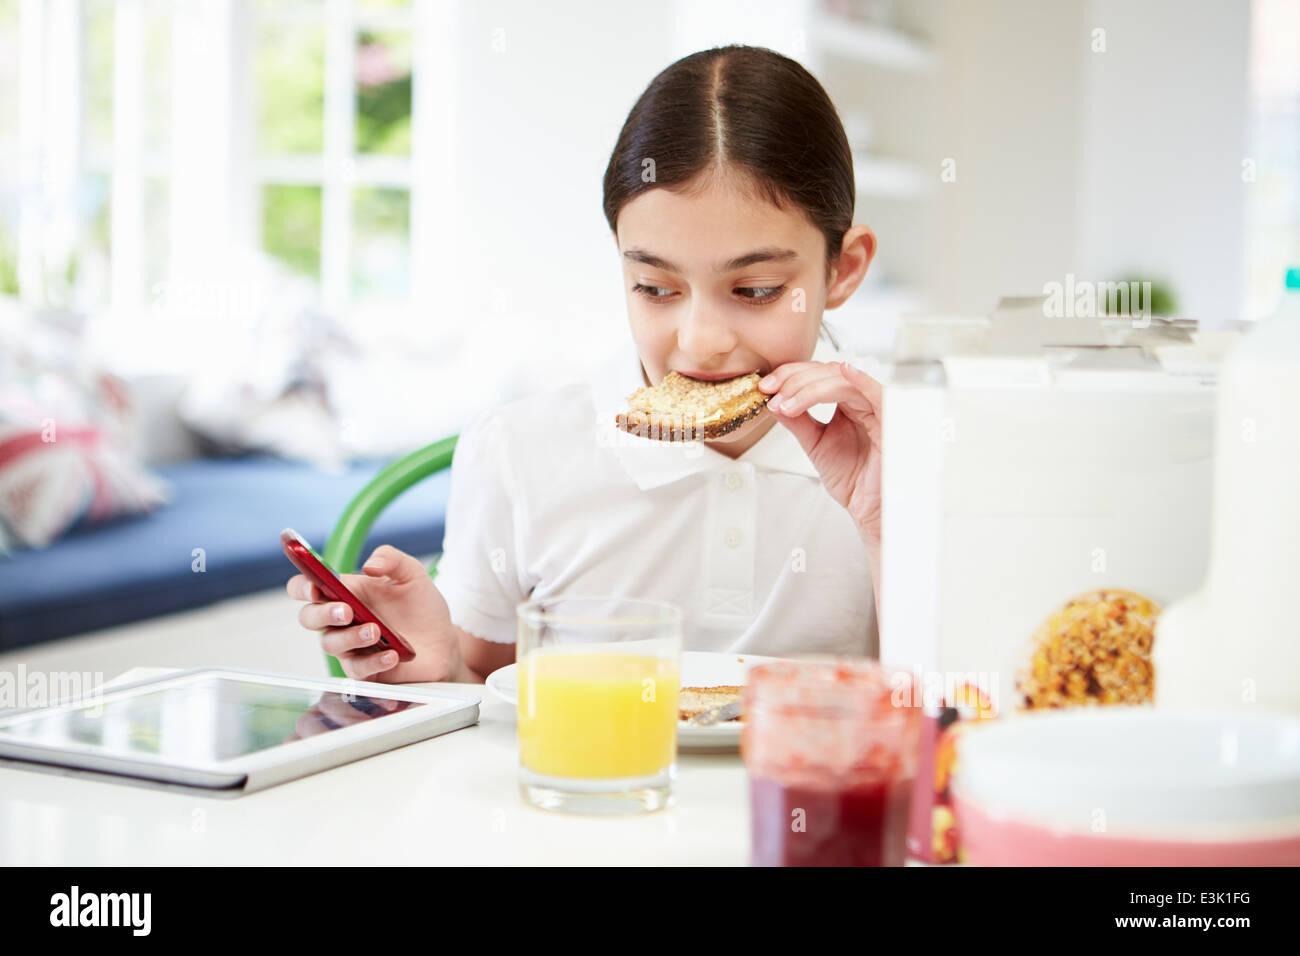 Écolière avec tablette numérique mobile et de manger du pain grillé Photo Stock